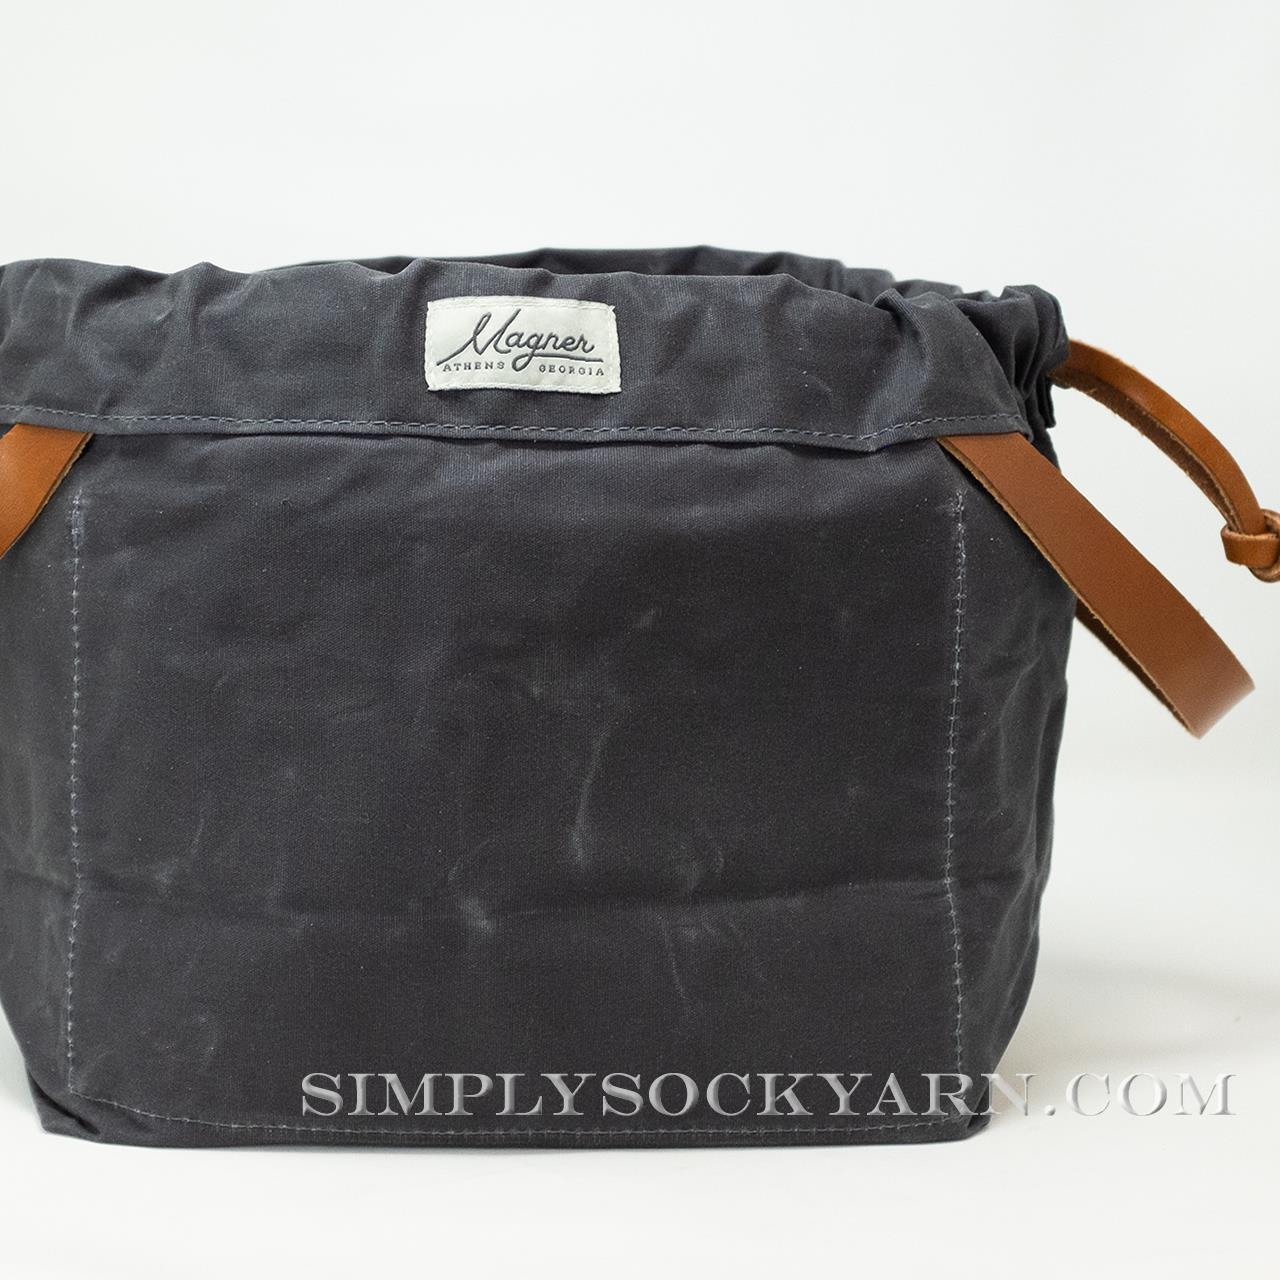 Magner KG Bag Charcoal -